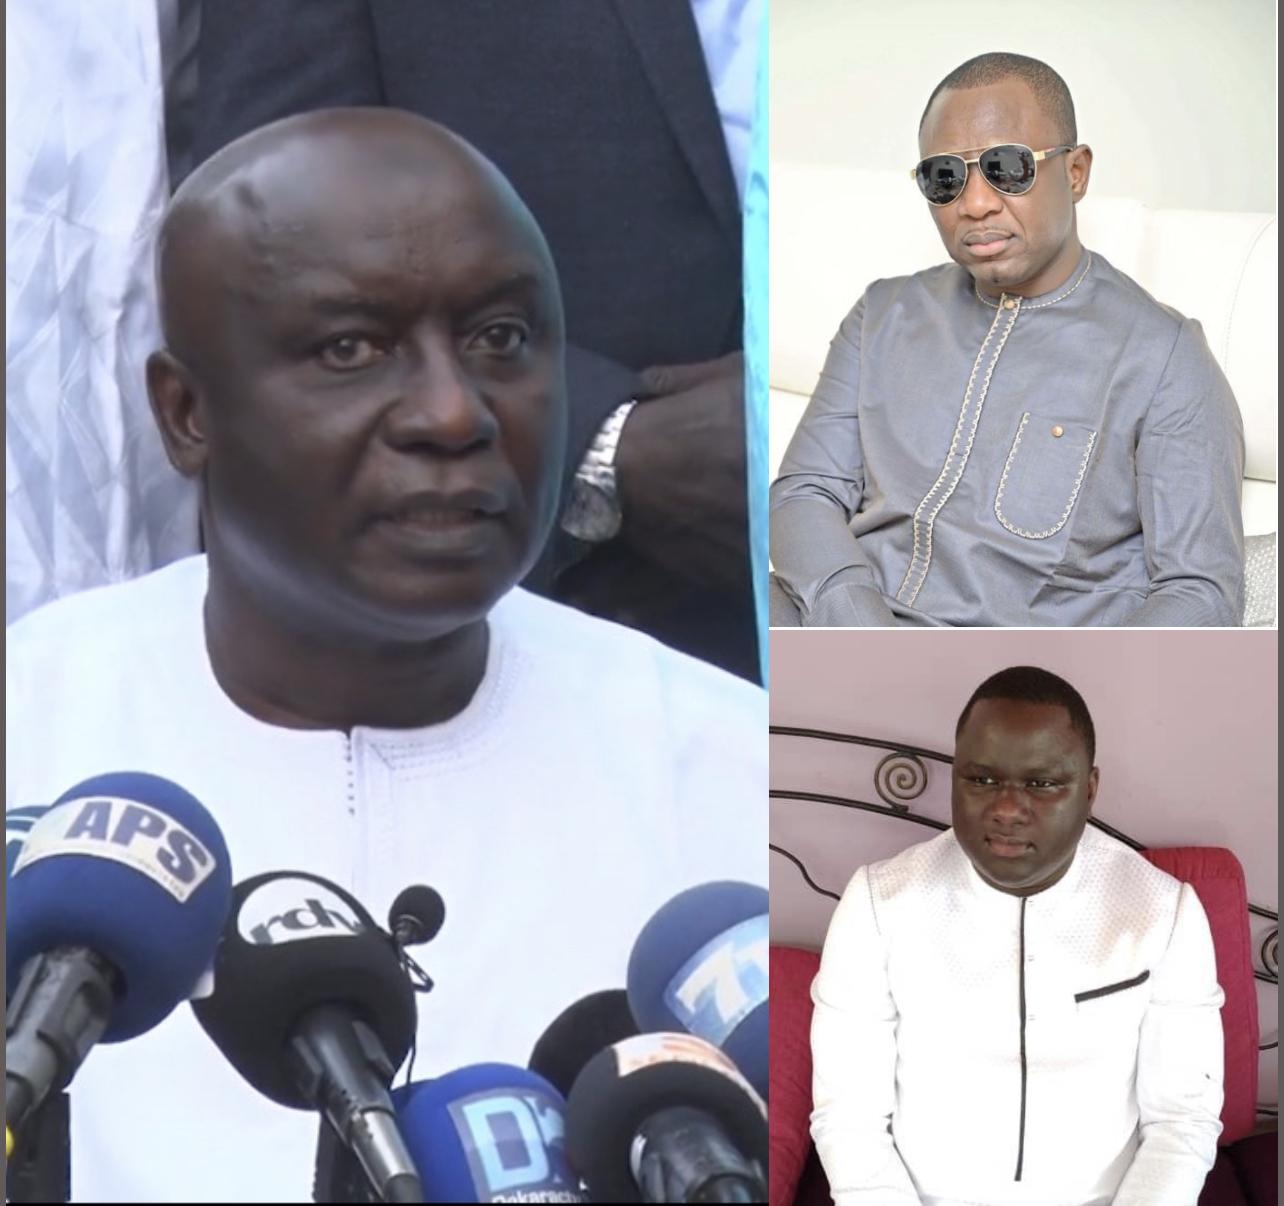 Démission de Badara Gadiaga du Parti Rewmi : Idy désormais inaccessible, la saignée pourrait se poursuivre